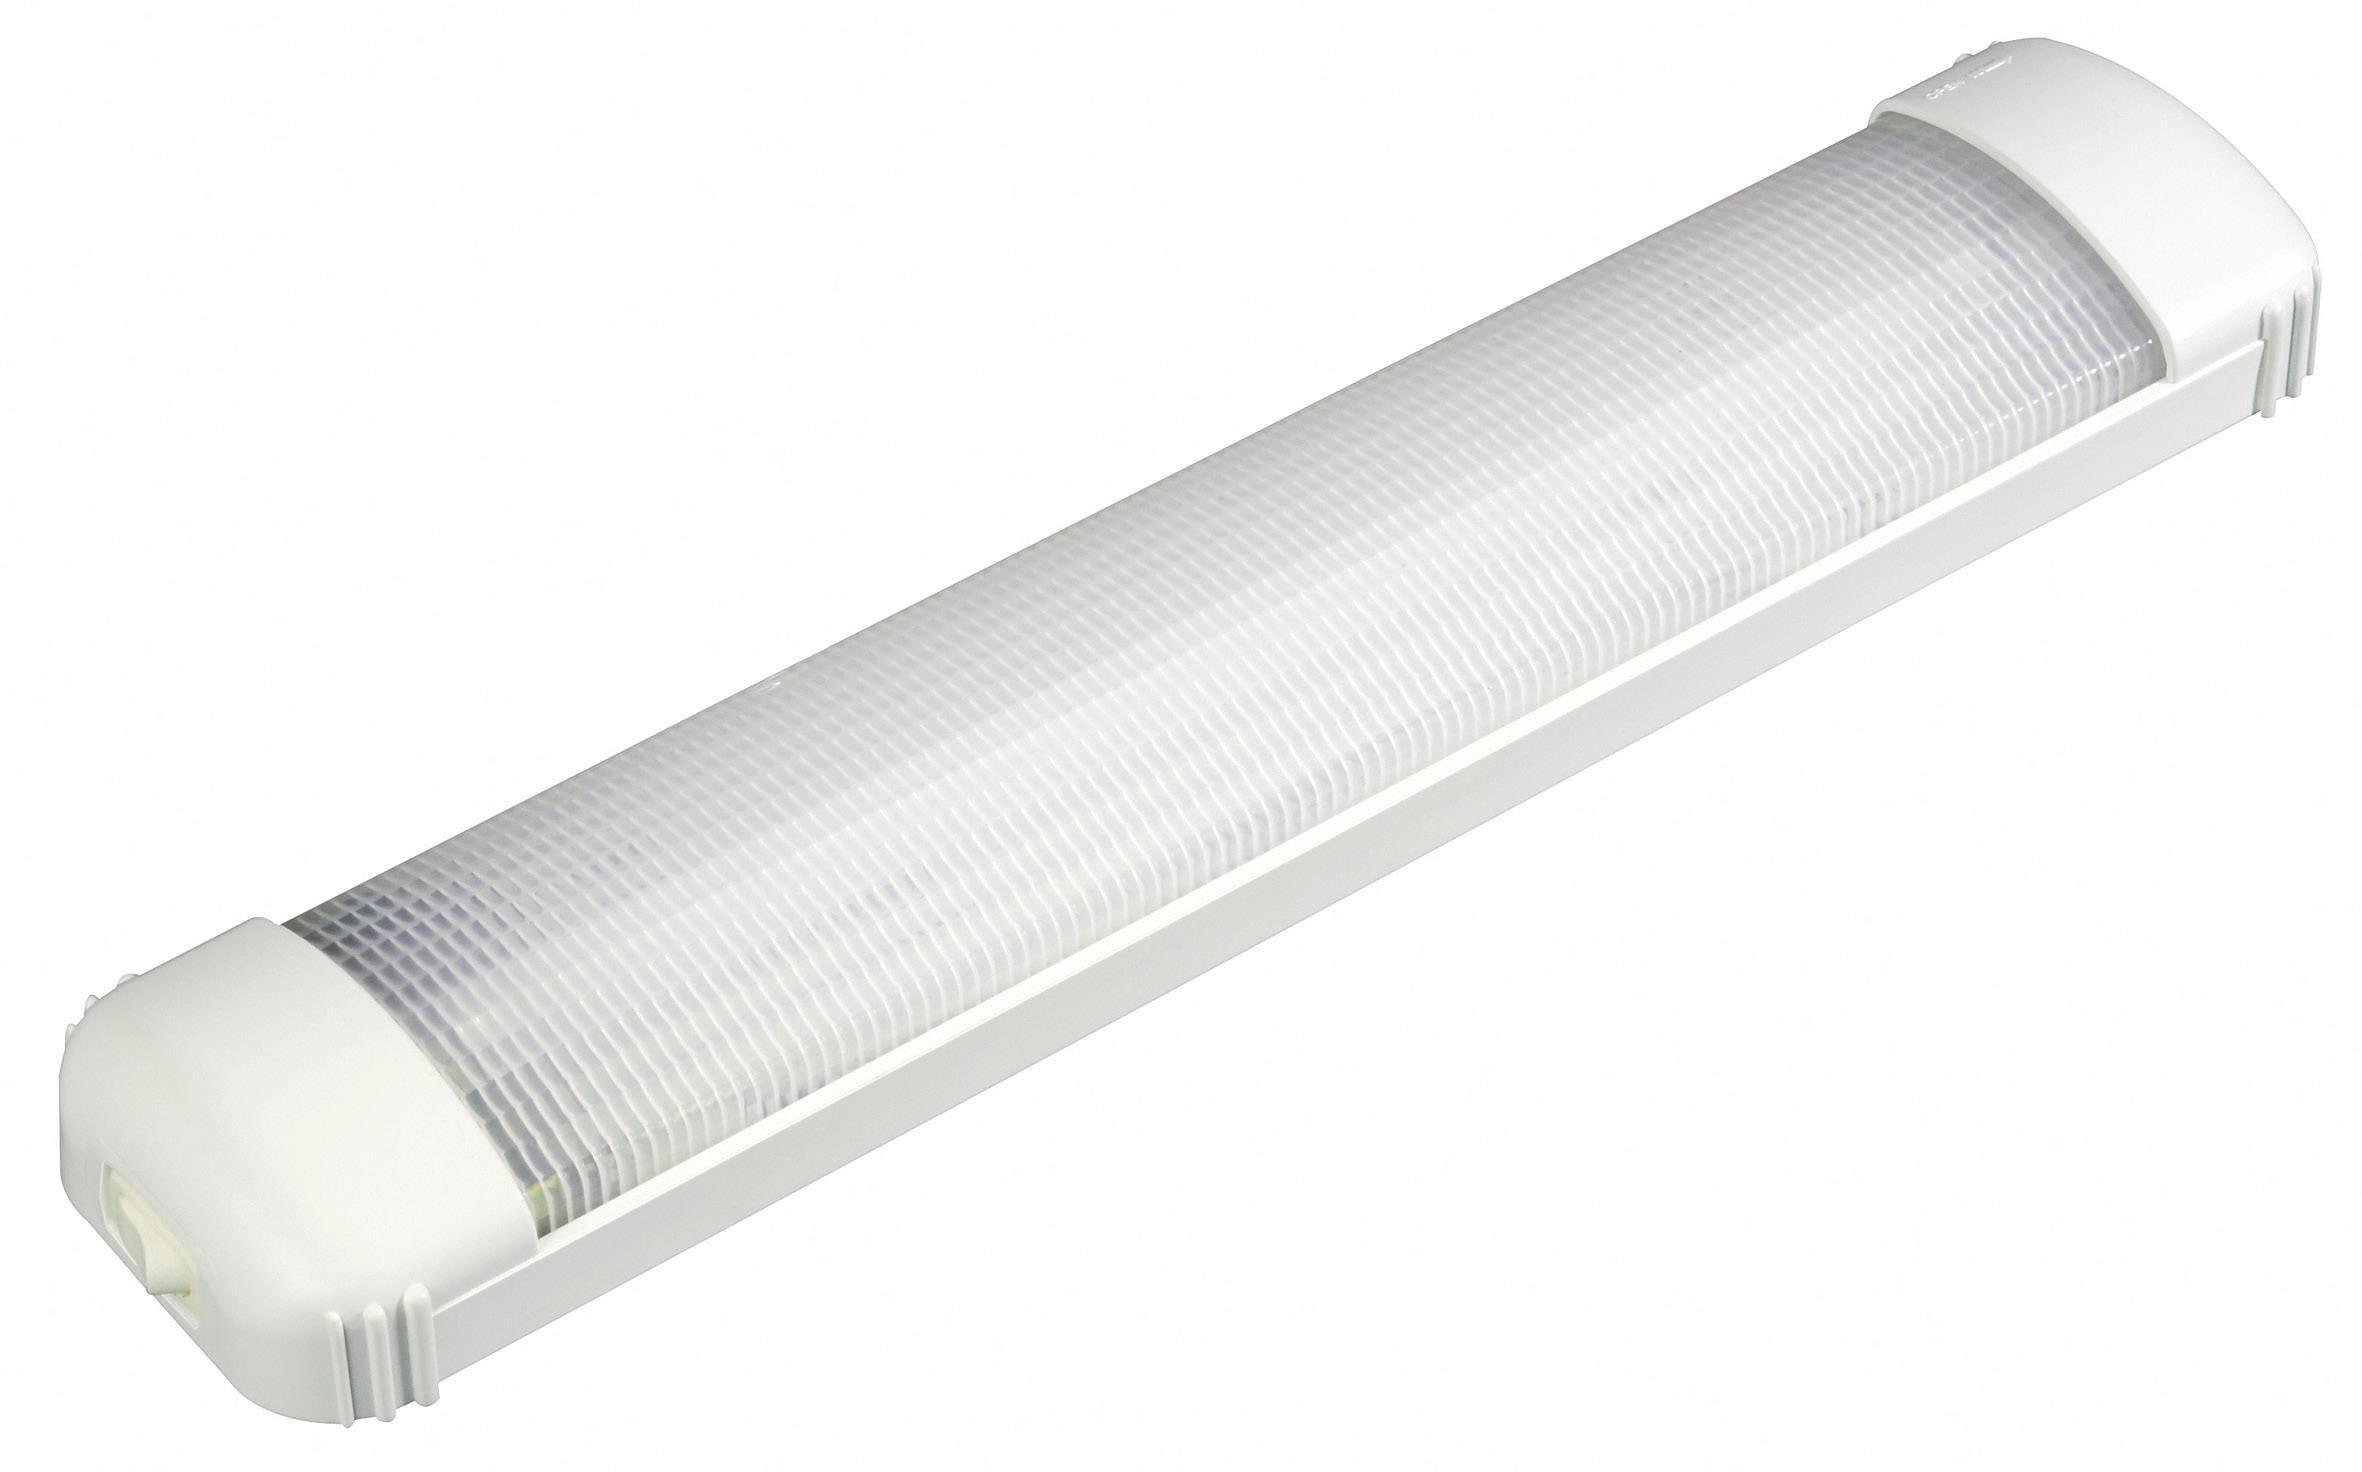 853511 TL-lamp 12 V Fluorescentiebuis T5 (l x b x h) 380 x 76 x 30 ...